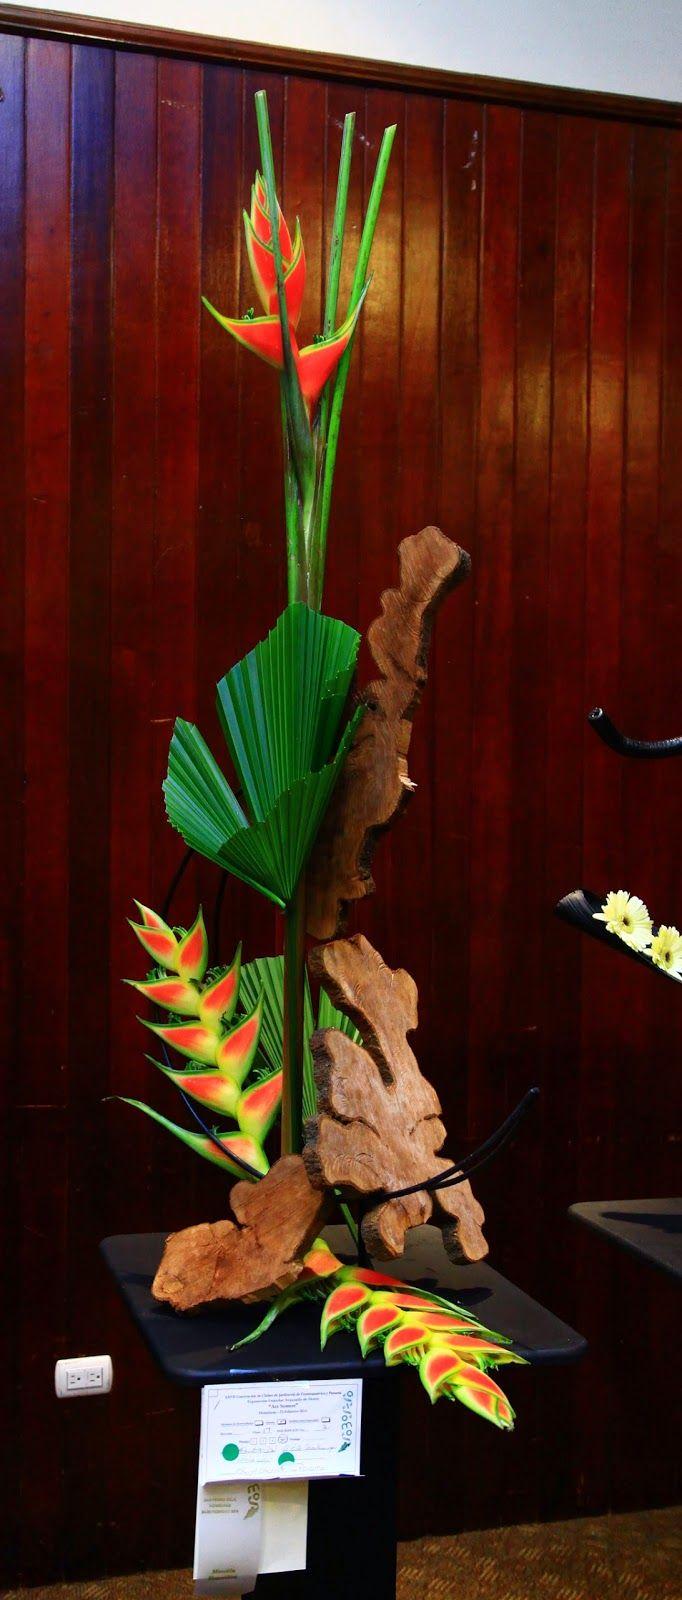 Diseño de Cheryl de Obediente de Panamá   Club de Jardinería de Panamá     Naturalistas    Diseño Creativo...